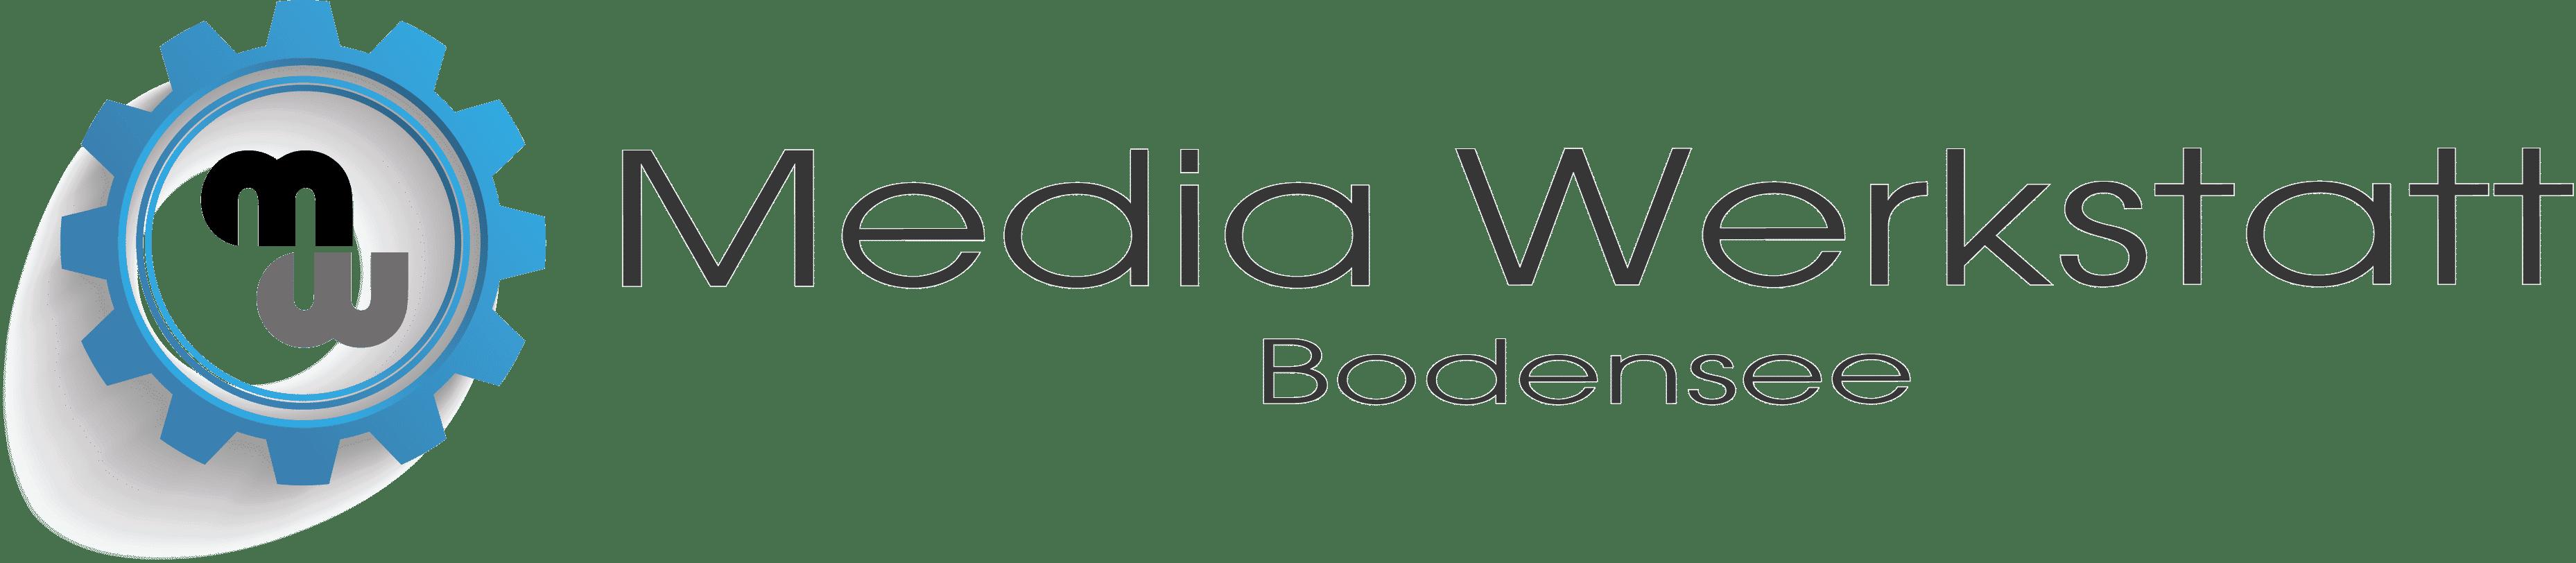 Mediawerkstatt Bodensee